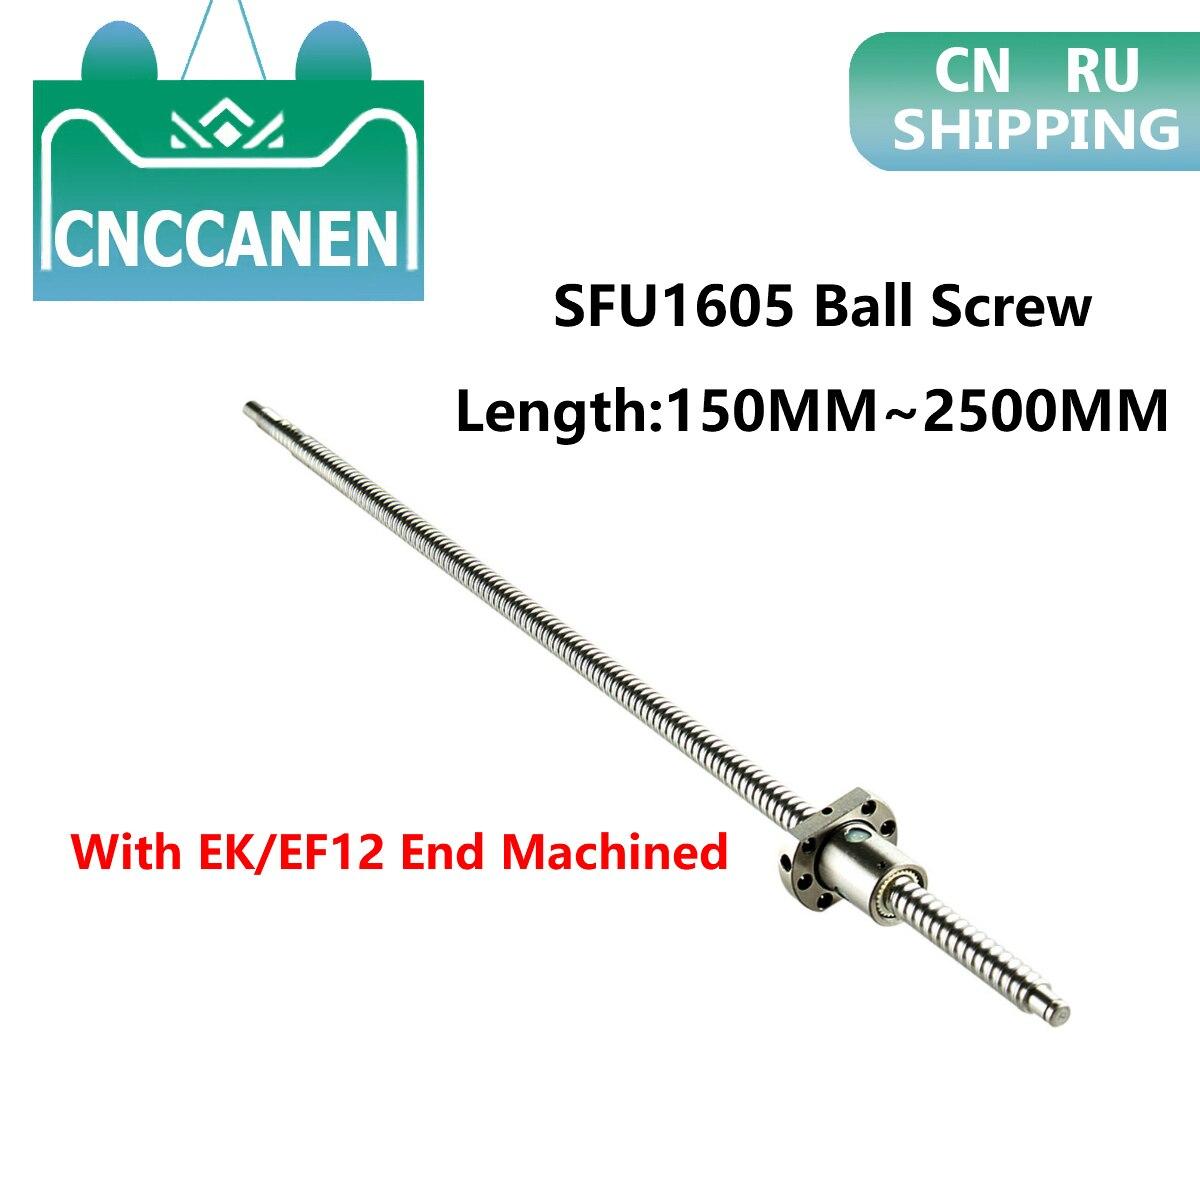 Ballscew SFU1605-150mm 200 300 500 600 800 1200 1500 2000 2500 Mm C7 Ball Screw With Single Ball Nut EK/EF12 End Machined CNC